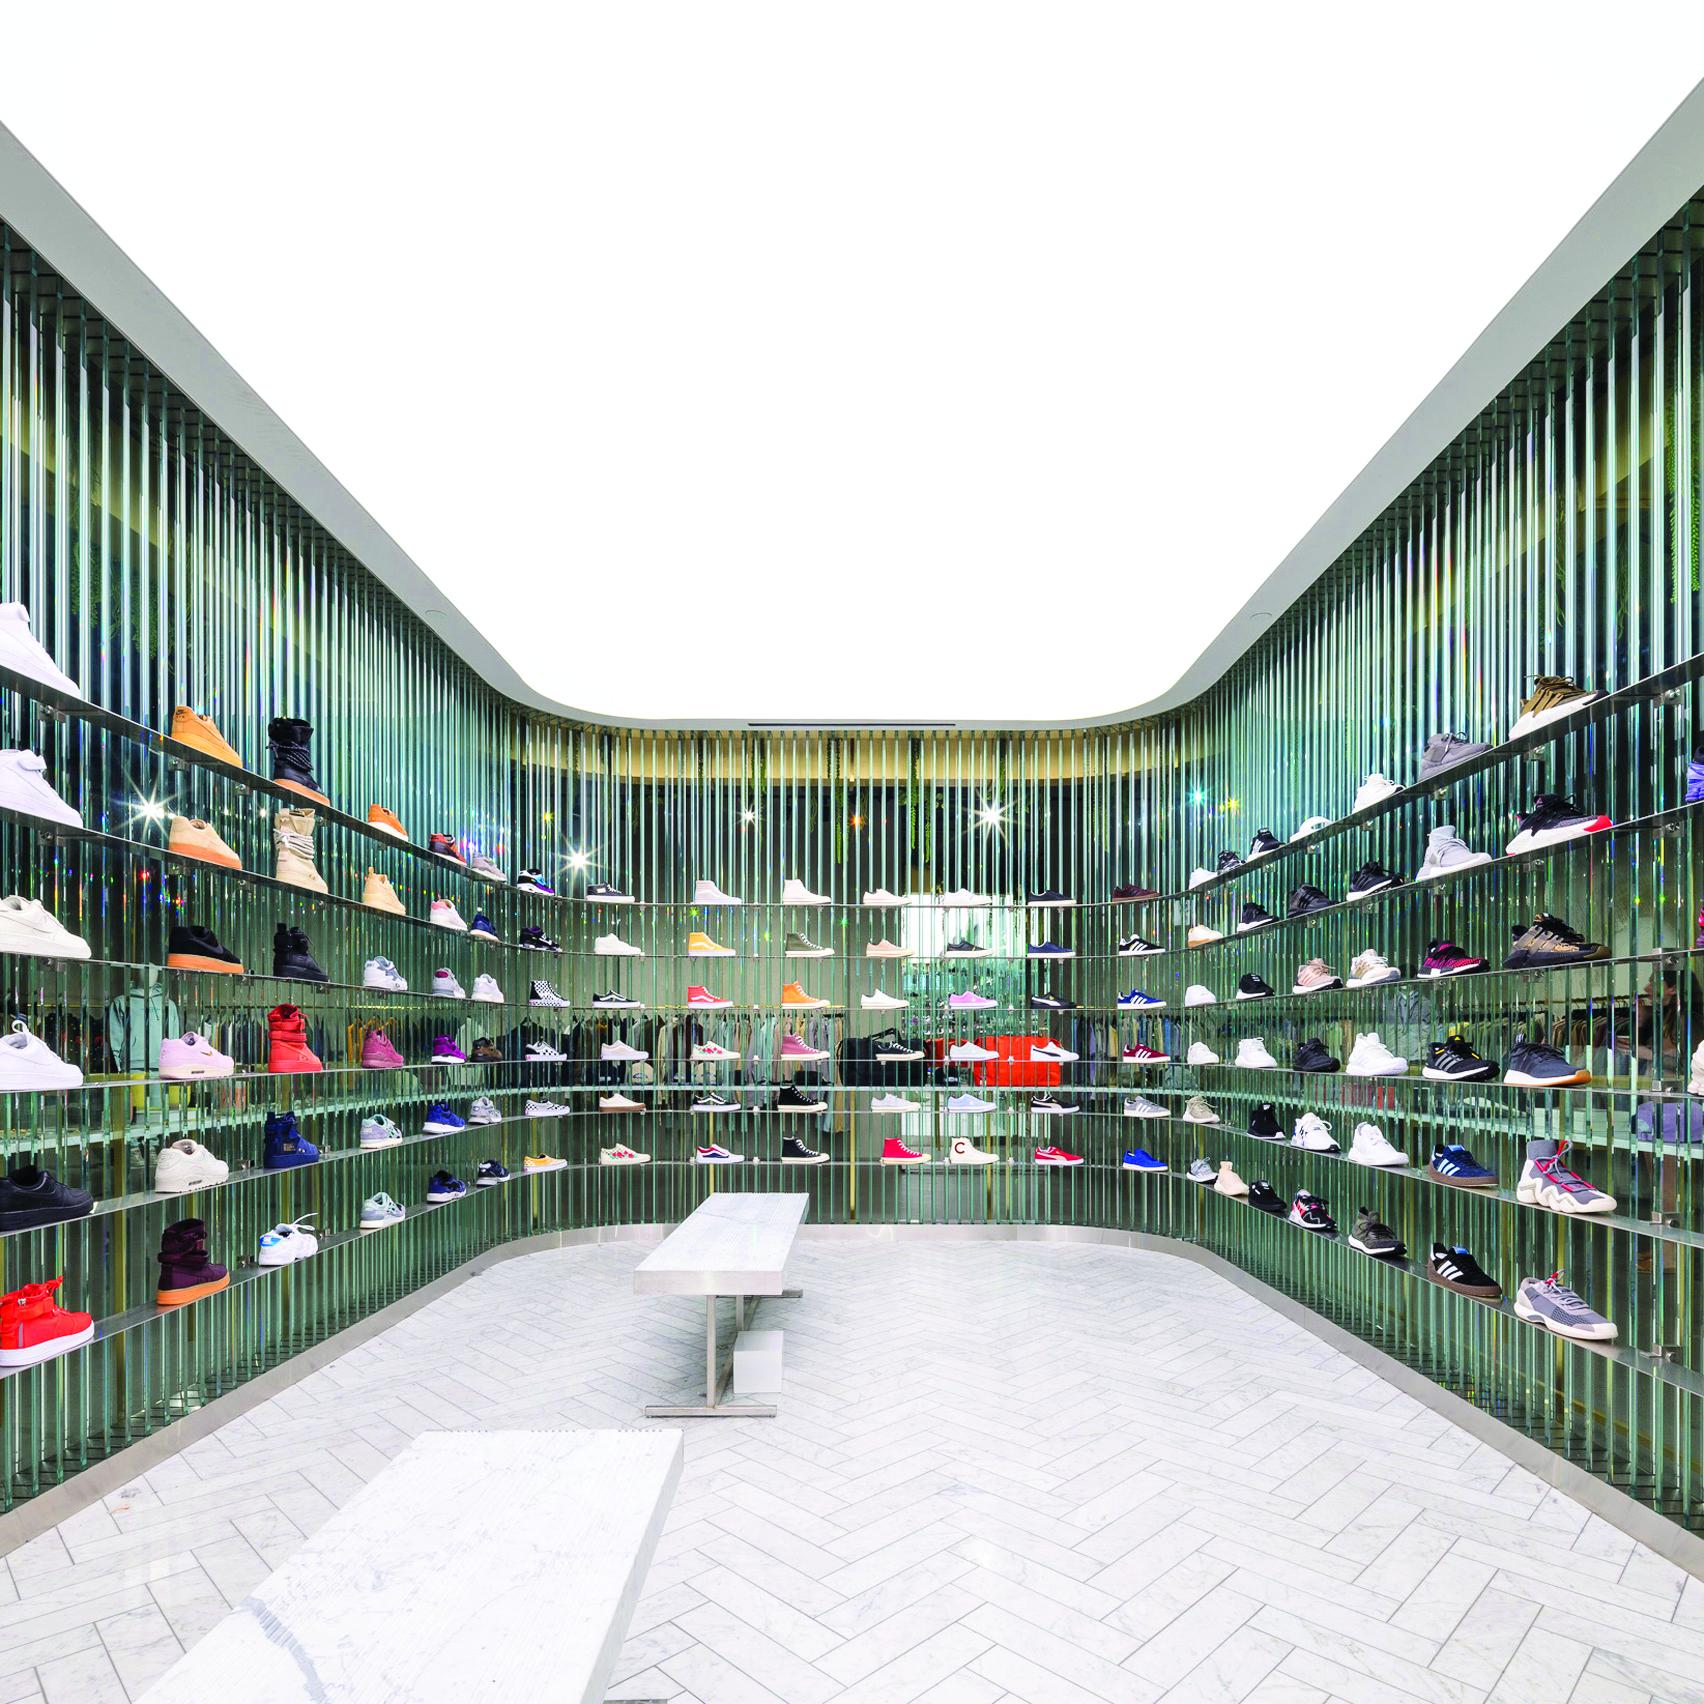 Cửa hàng Kith ở Los Angeles